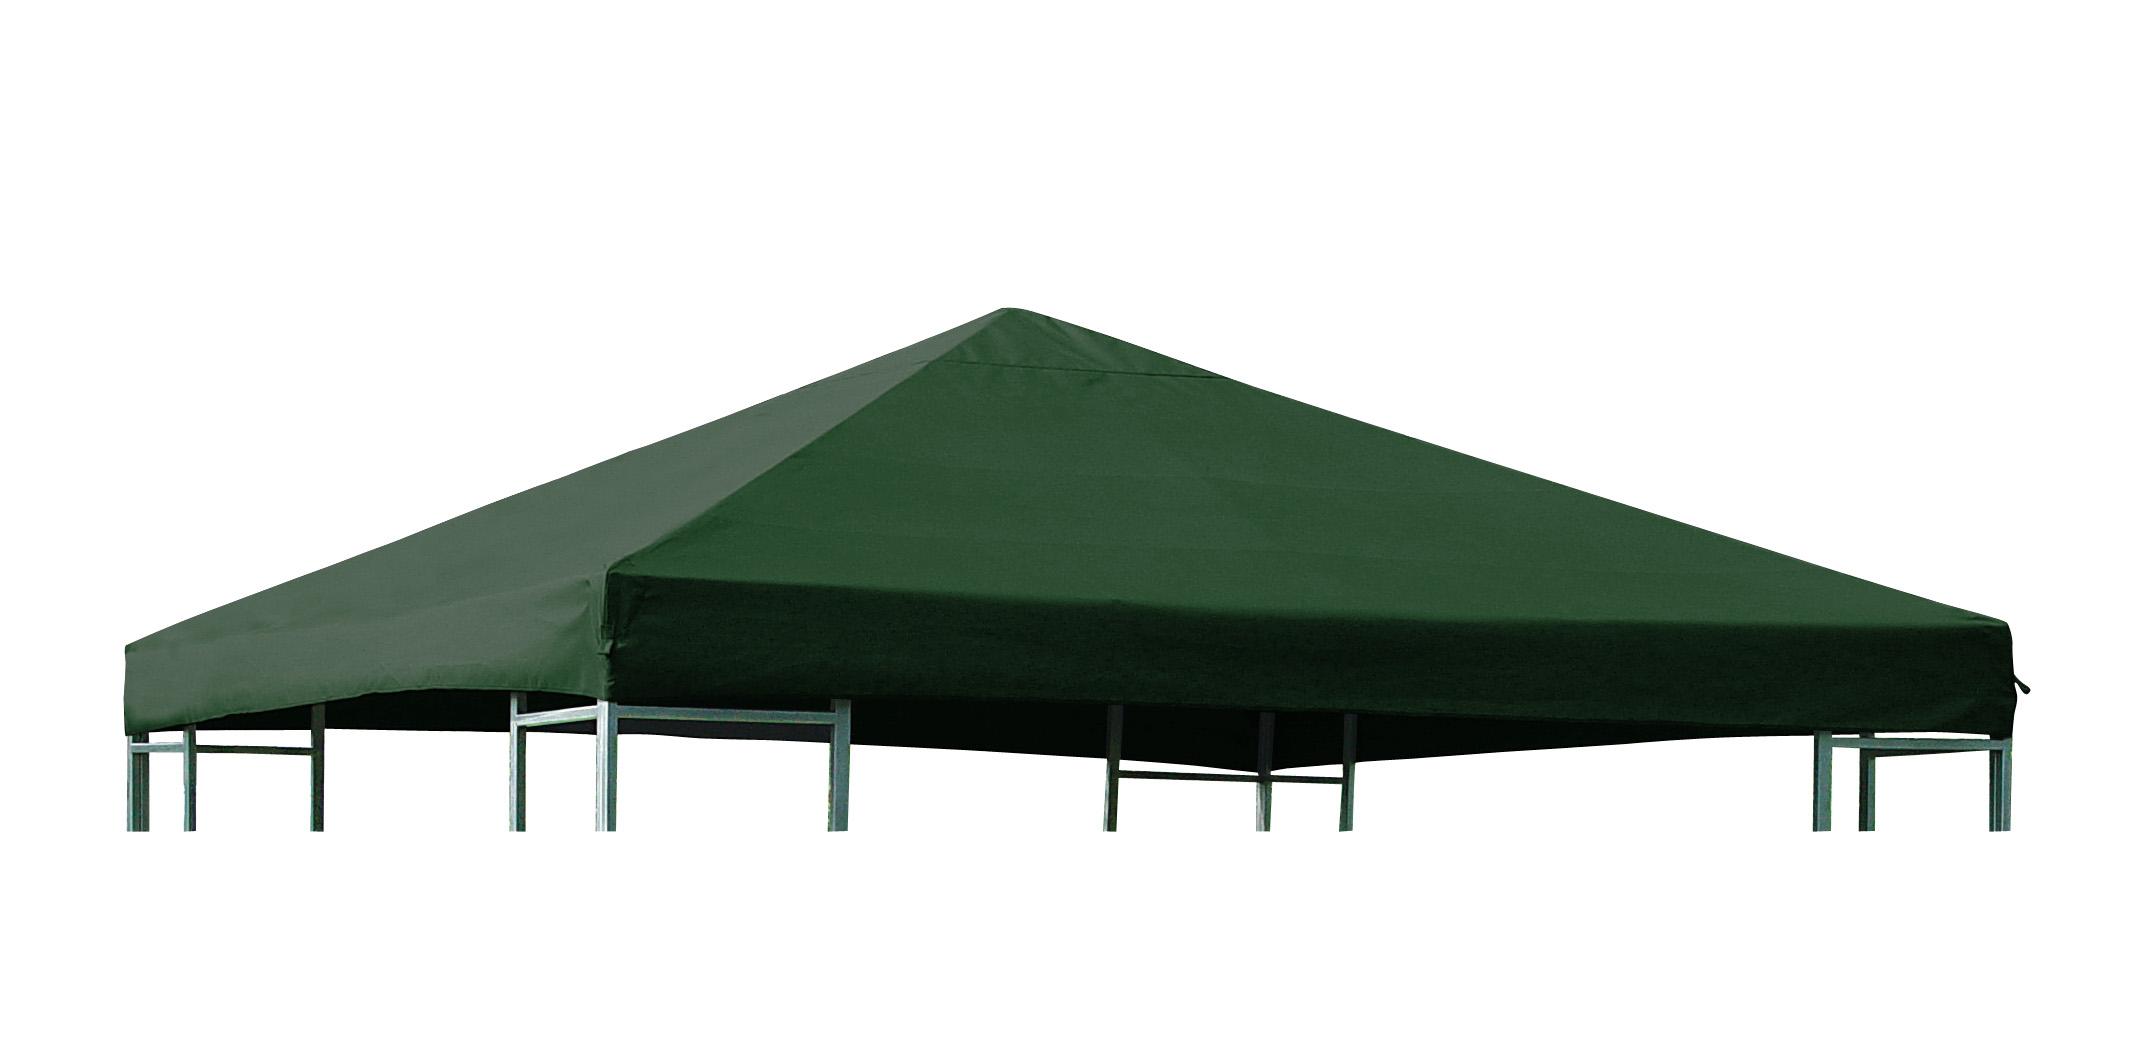 Universal-Ersatzdach für Pavillon 3x3 Meter, grün